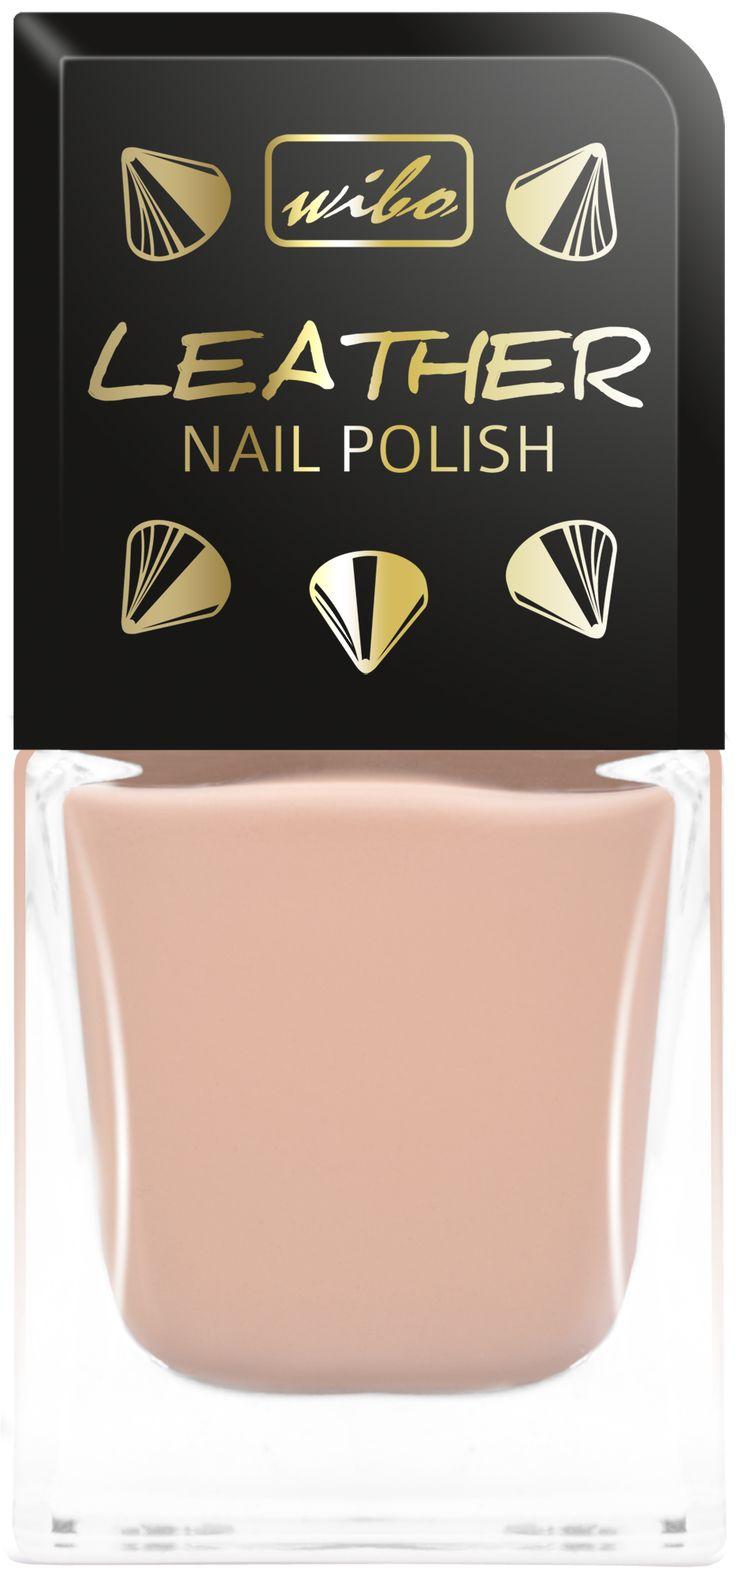 """Manicure """"na ROCKOWO"""". Piaskowa imitacja faktury skóry na powierzchni paznokci gwarantowana!  #nails #nail #manicure #black #leather #mani #manicure #piekne #dlonie #wibo #papierska #rock #nude #beige"""